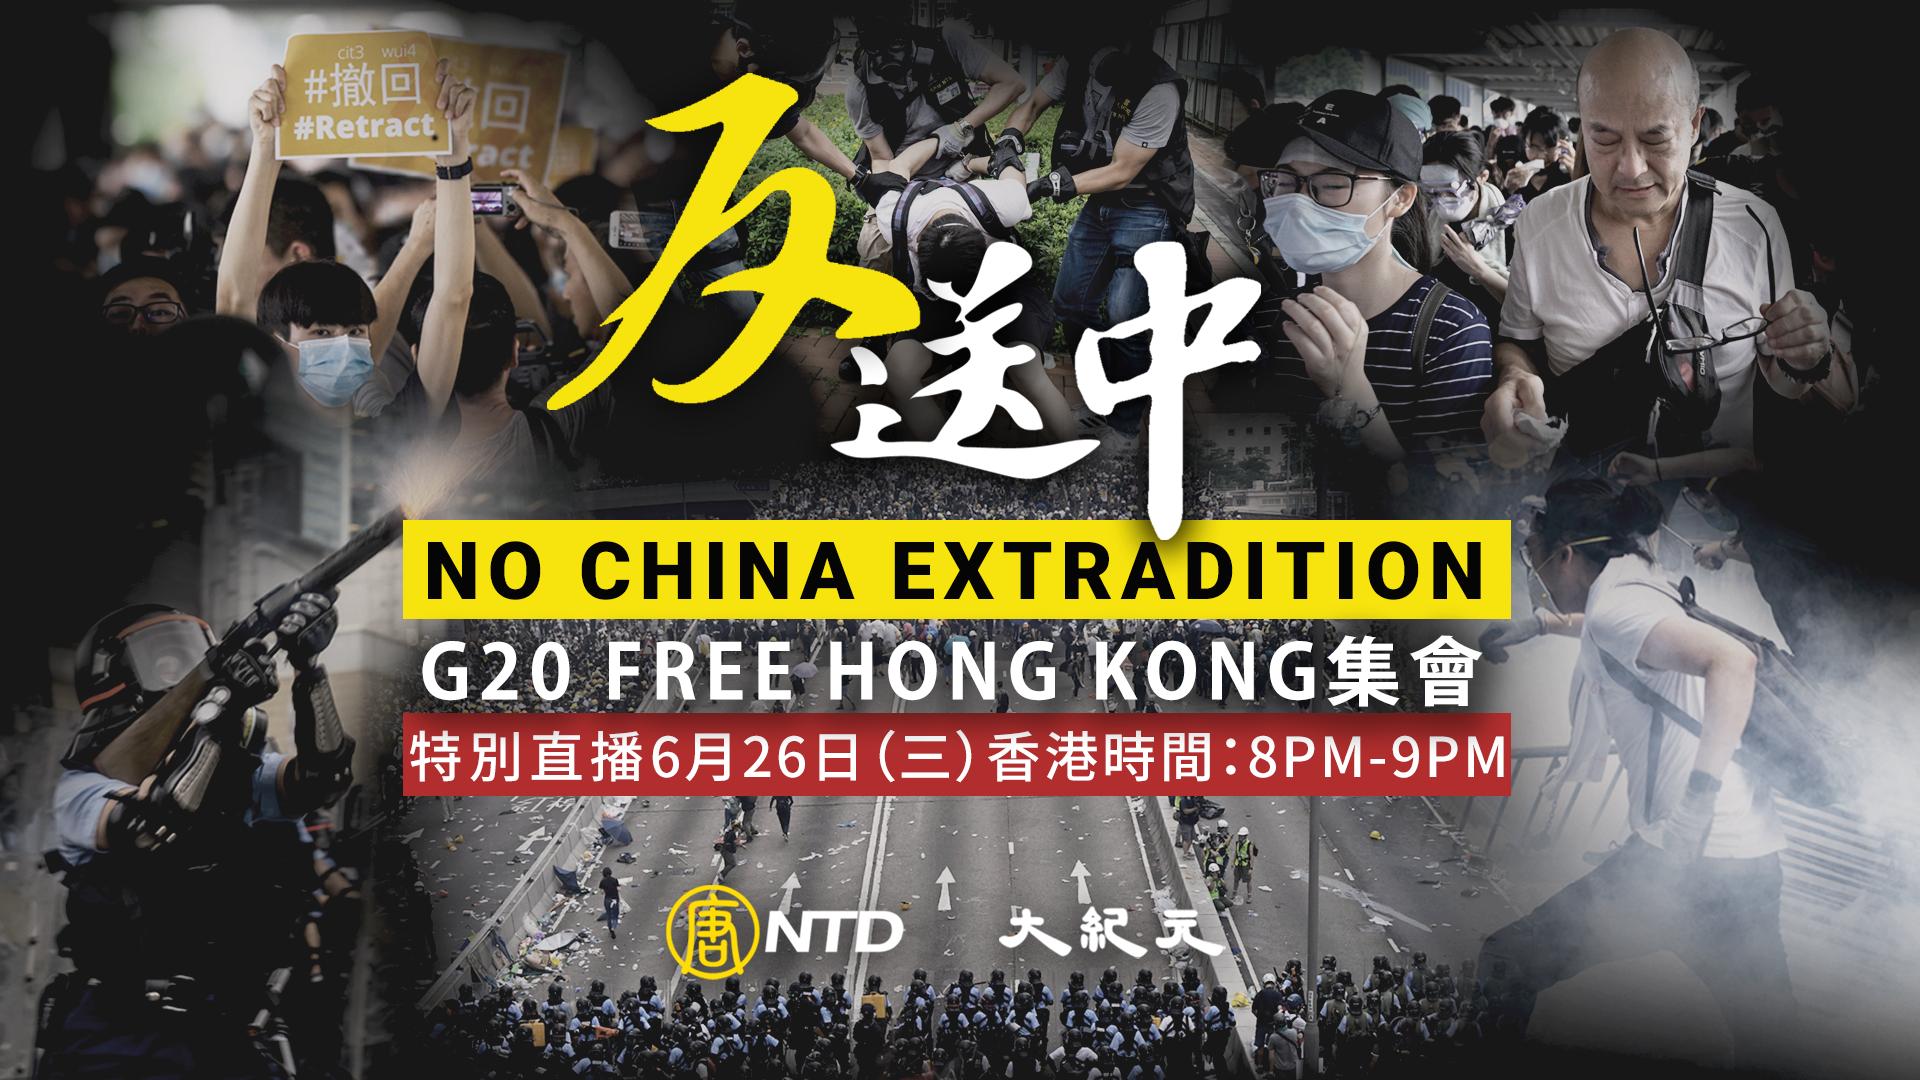 【6.26反送中直播】G20峰會前香港再集結反送中